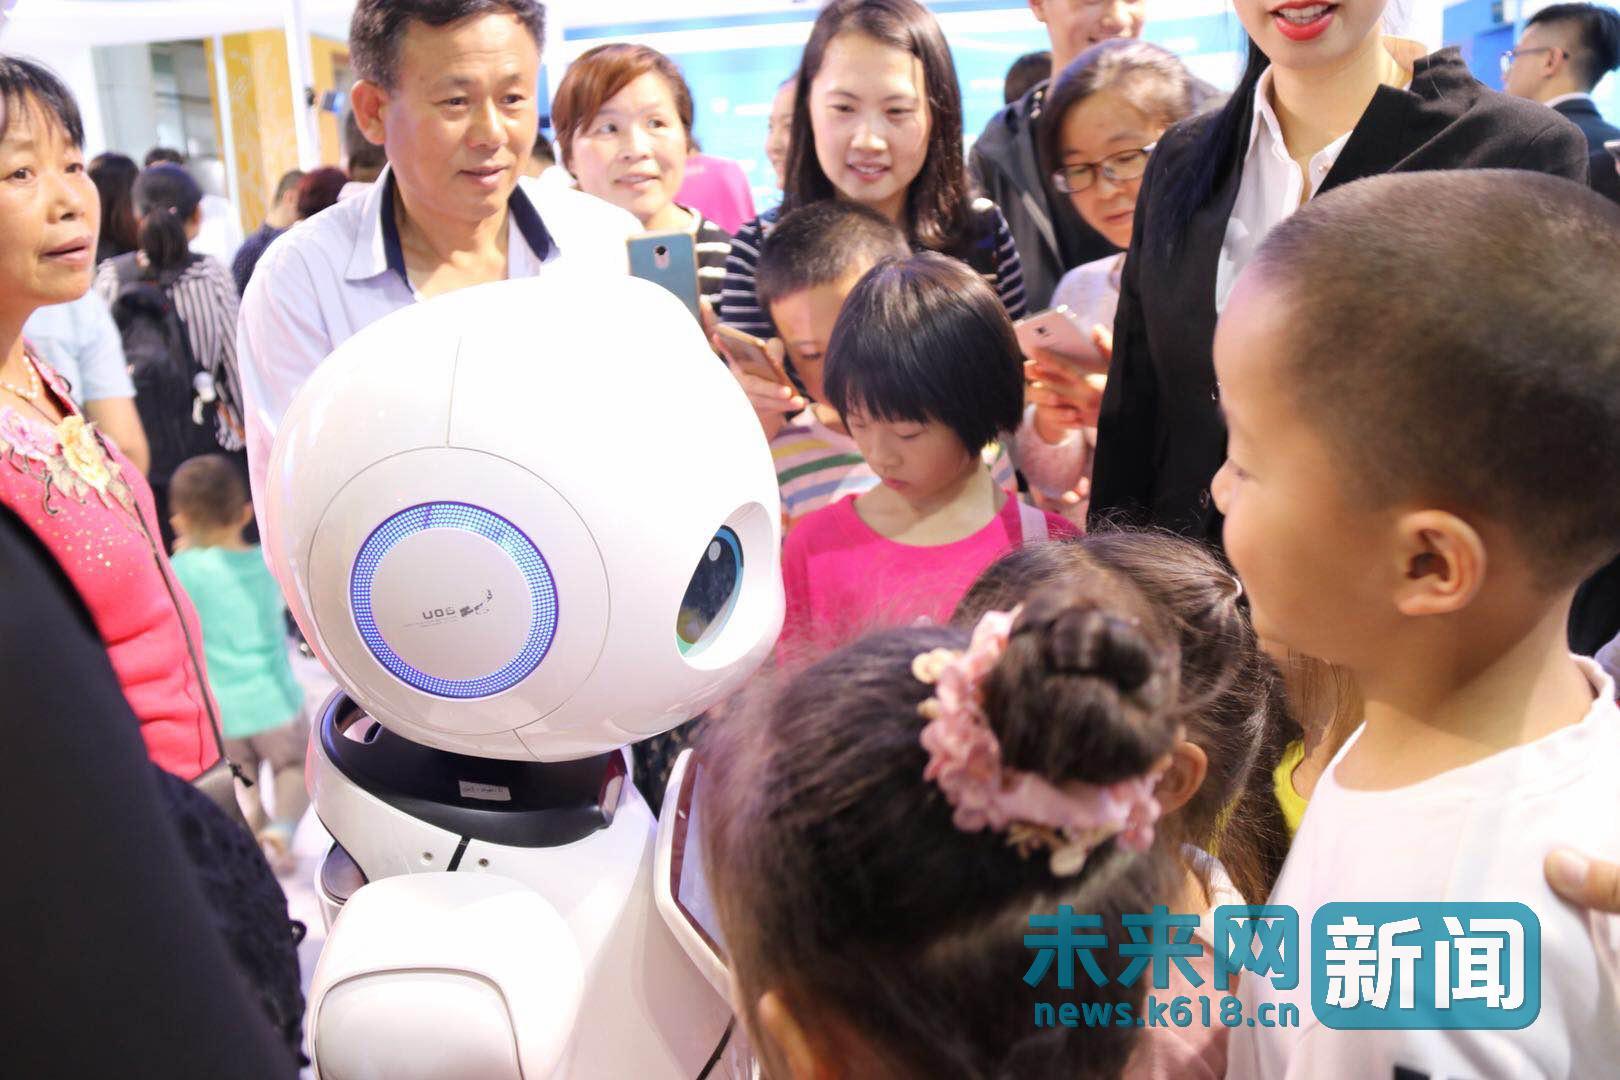 数字中国展览会机器人逗乐人群 人机互动激发青少年科技热情